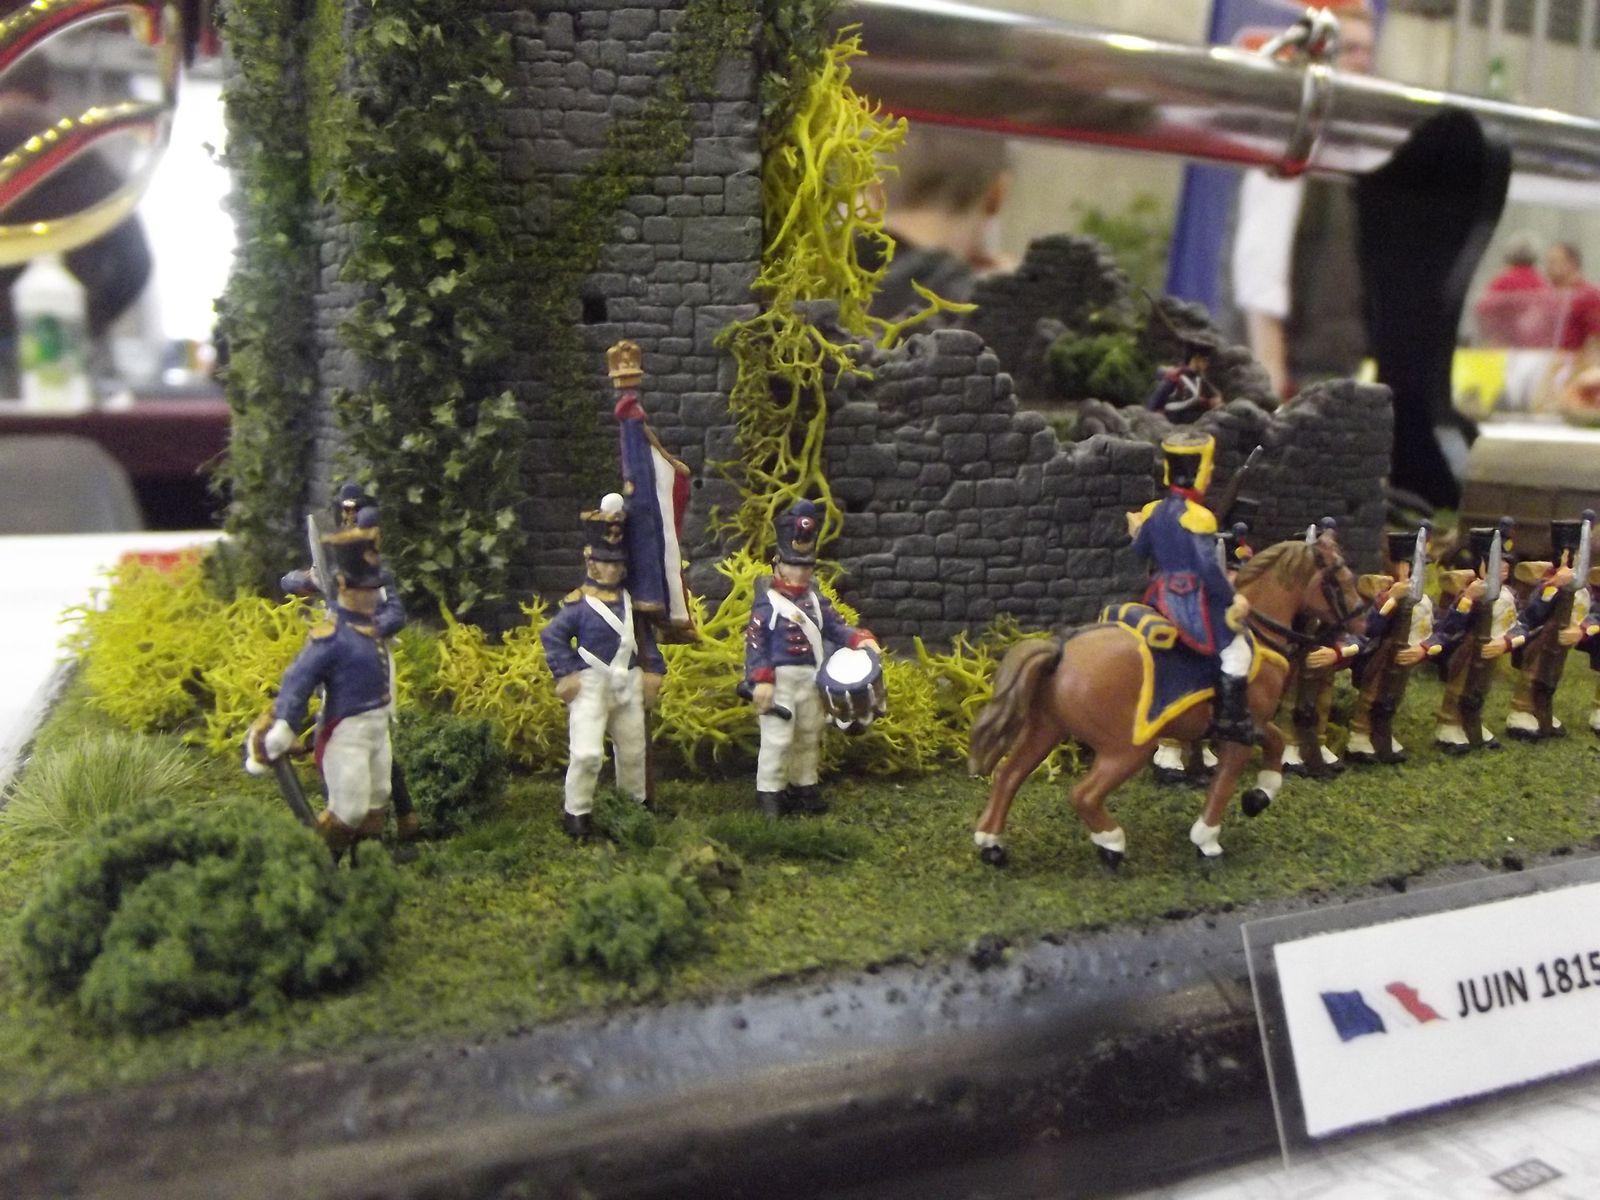 Les ruines de jeumont ,j'ai ajouter de l'infanterie de ligne ...........Tambour,officier,porte drapeau (Italeri)............